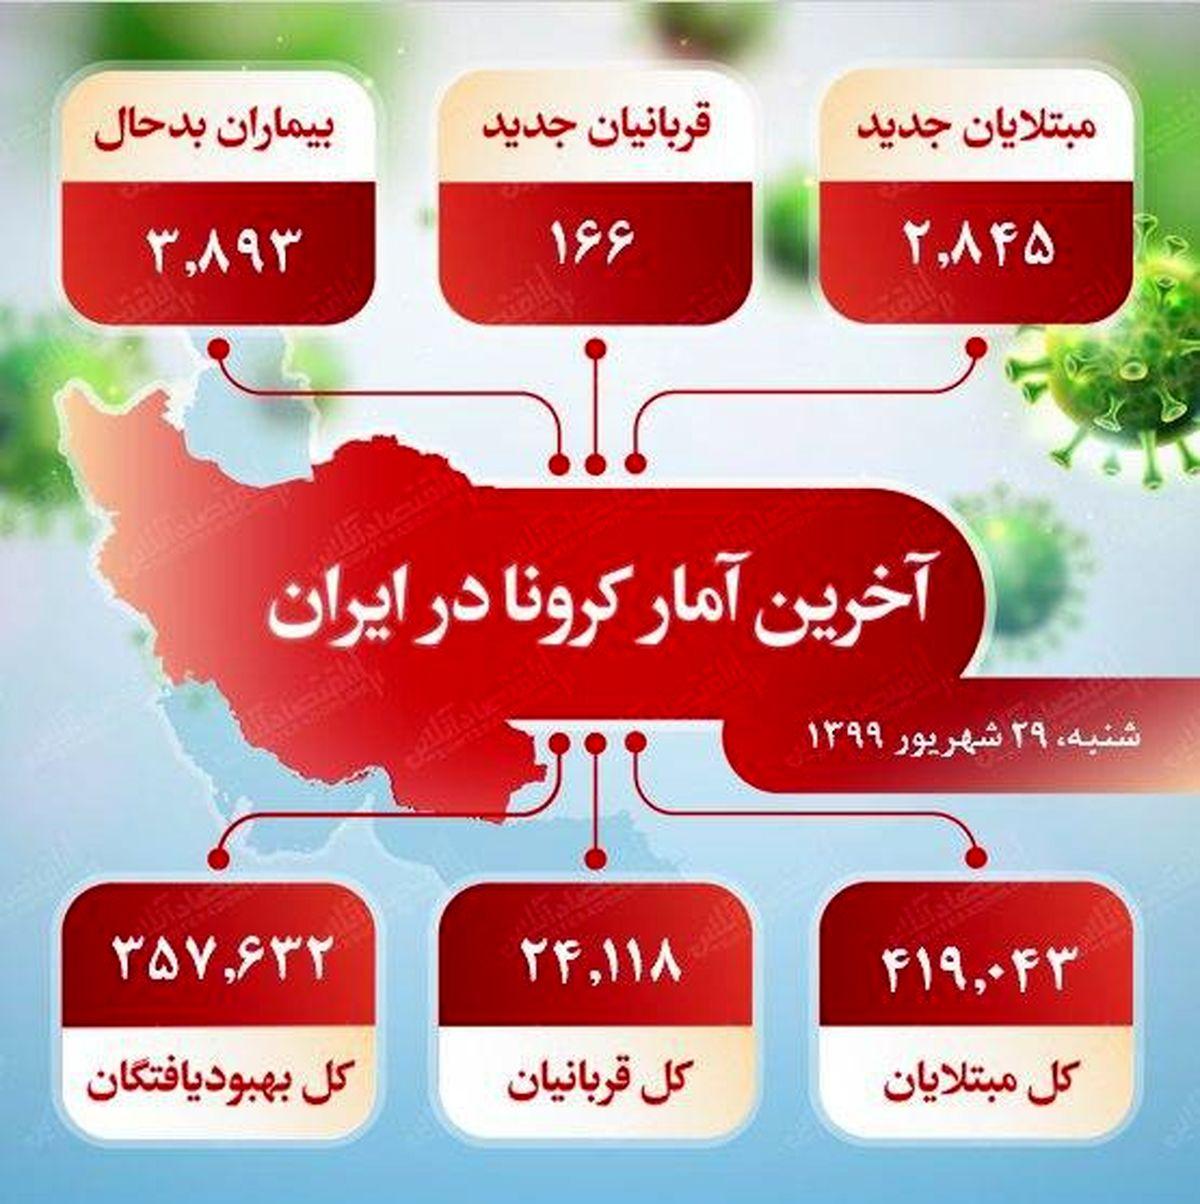 آخرین آمار کرونا در ایران (۱۳۹۹/۶/۲۹)